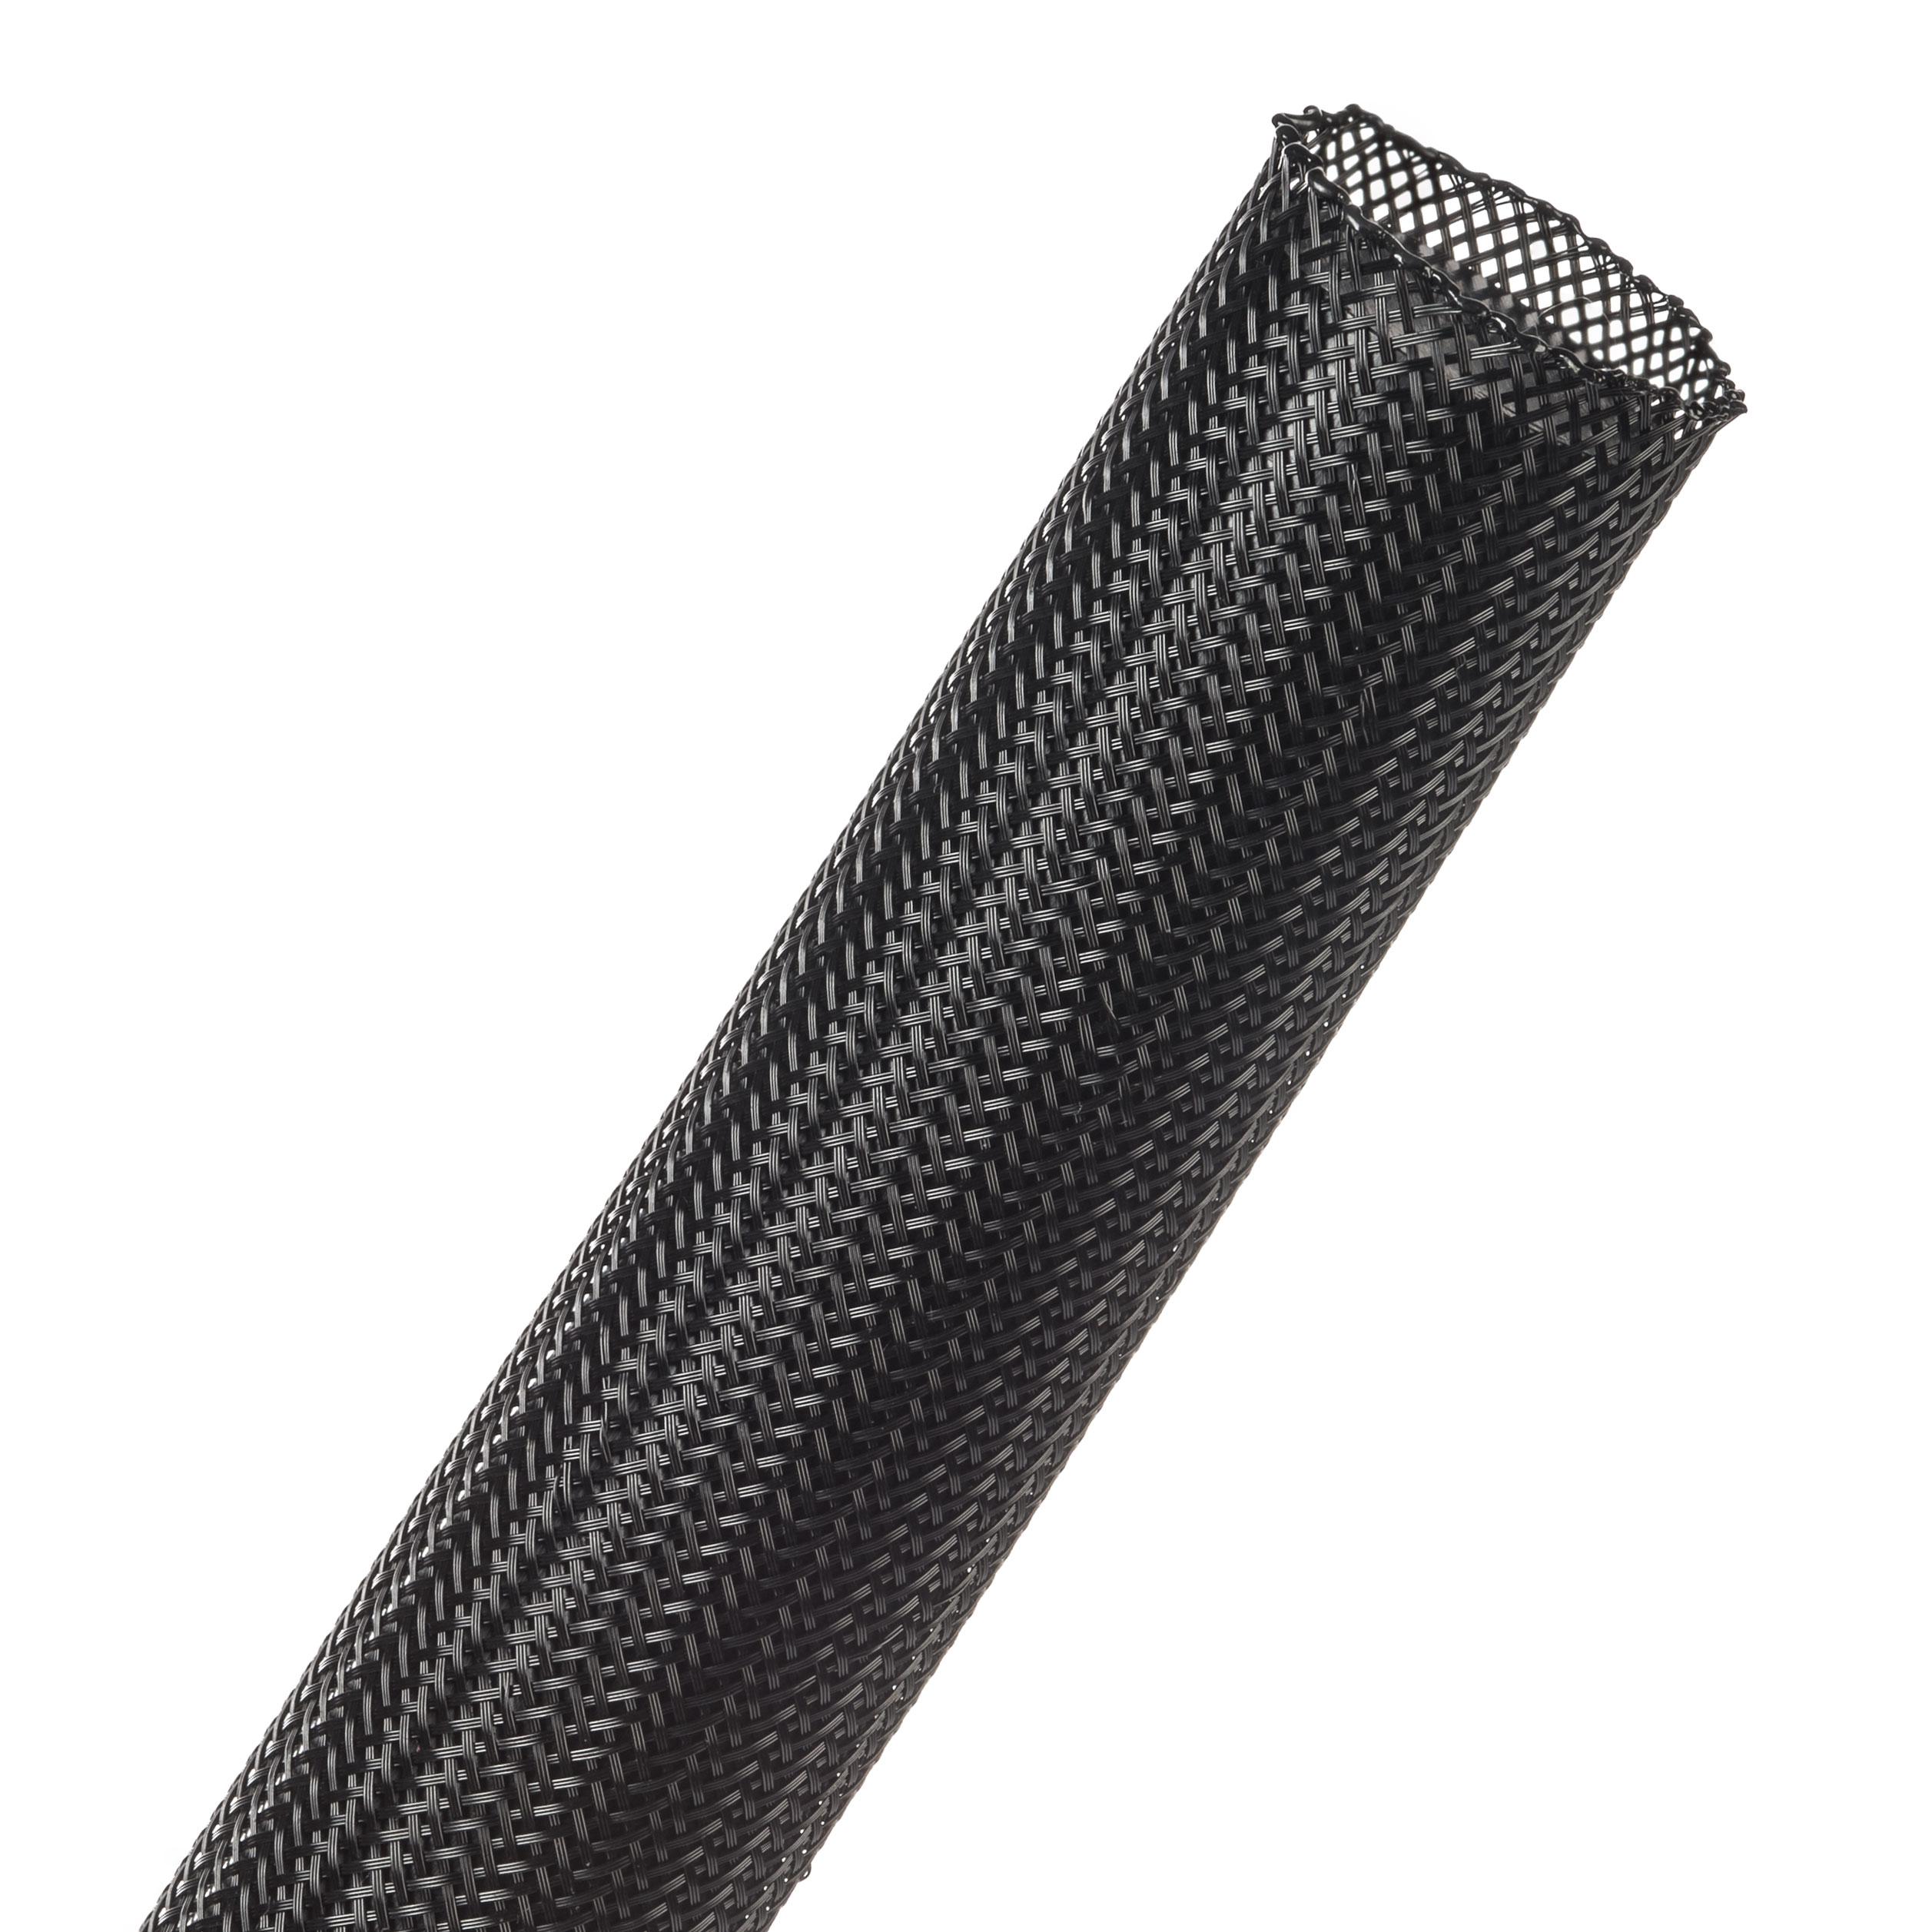 Flexo® Clean Cut Non-Fray Braided Sleeving